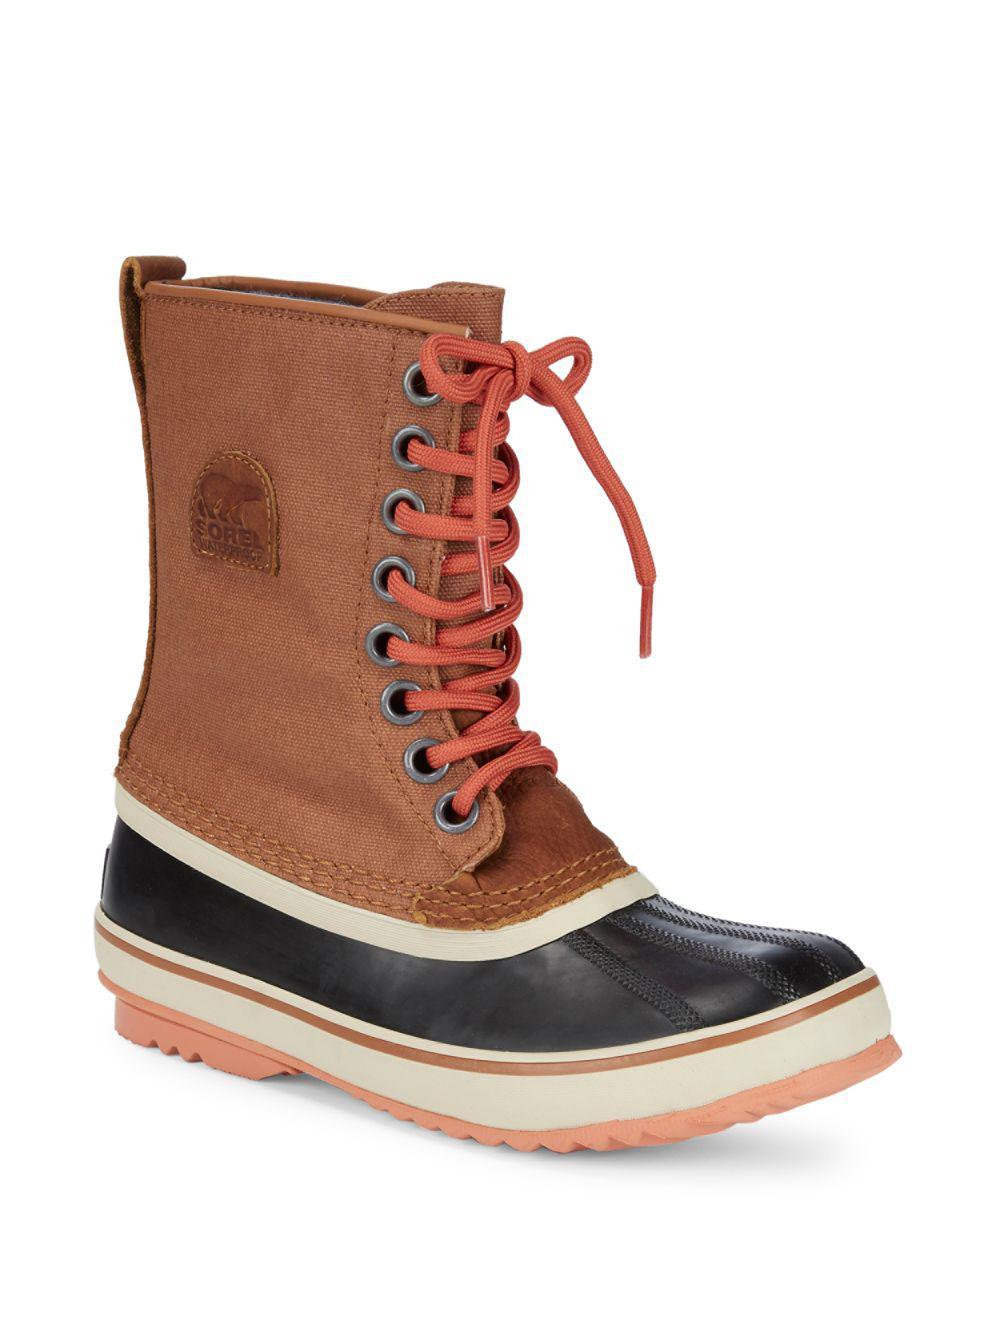 149c0c03252 Lyst - Sorel 1964 Premium Mid-calf Boots in Brown - Save 58%